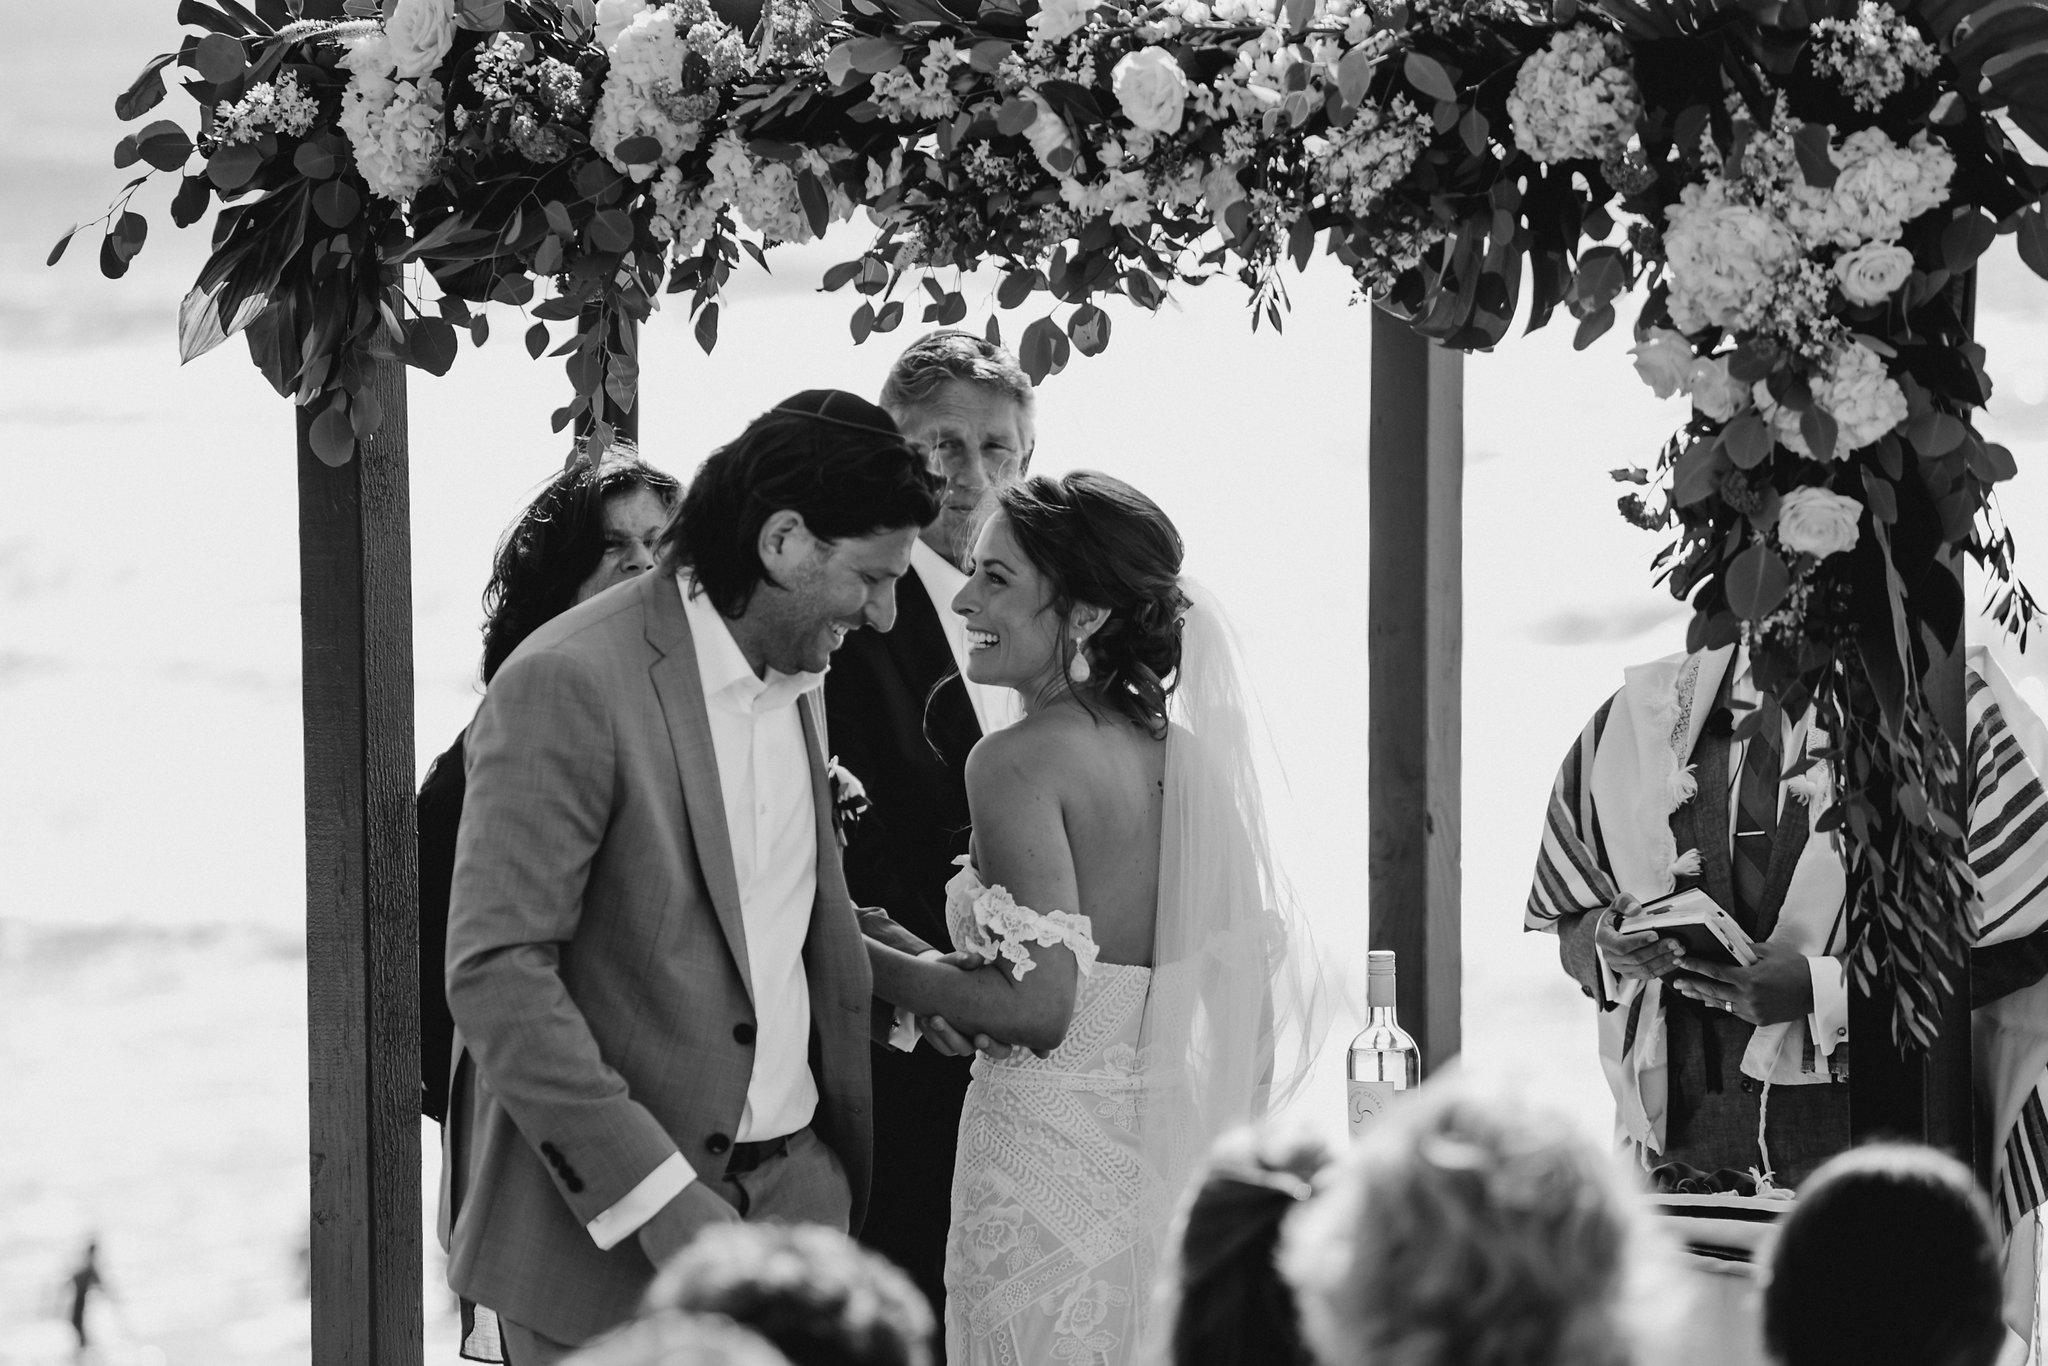 lolo-and-noa-la-jolla-wedding-scripps-blooms-by-breesa-lee-39.jpg